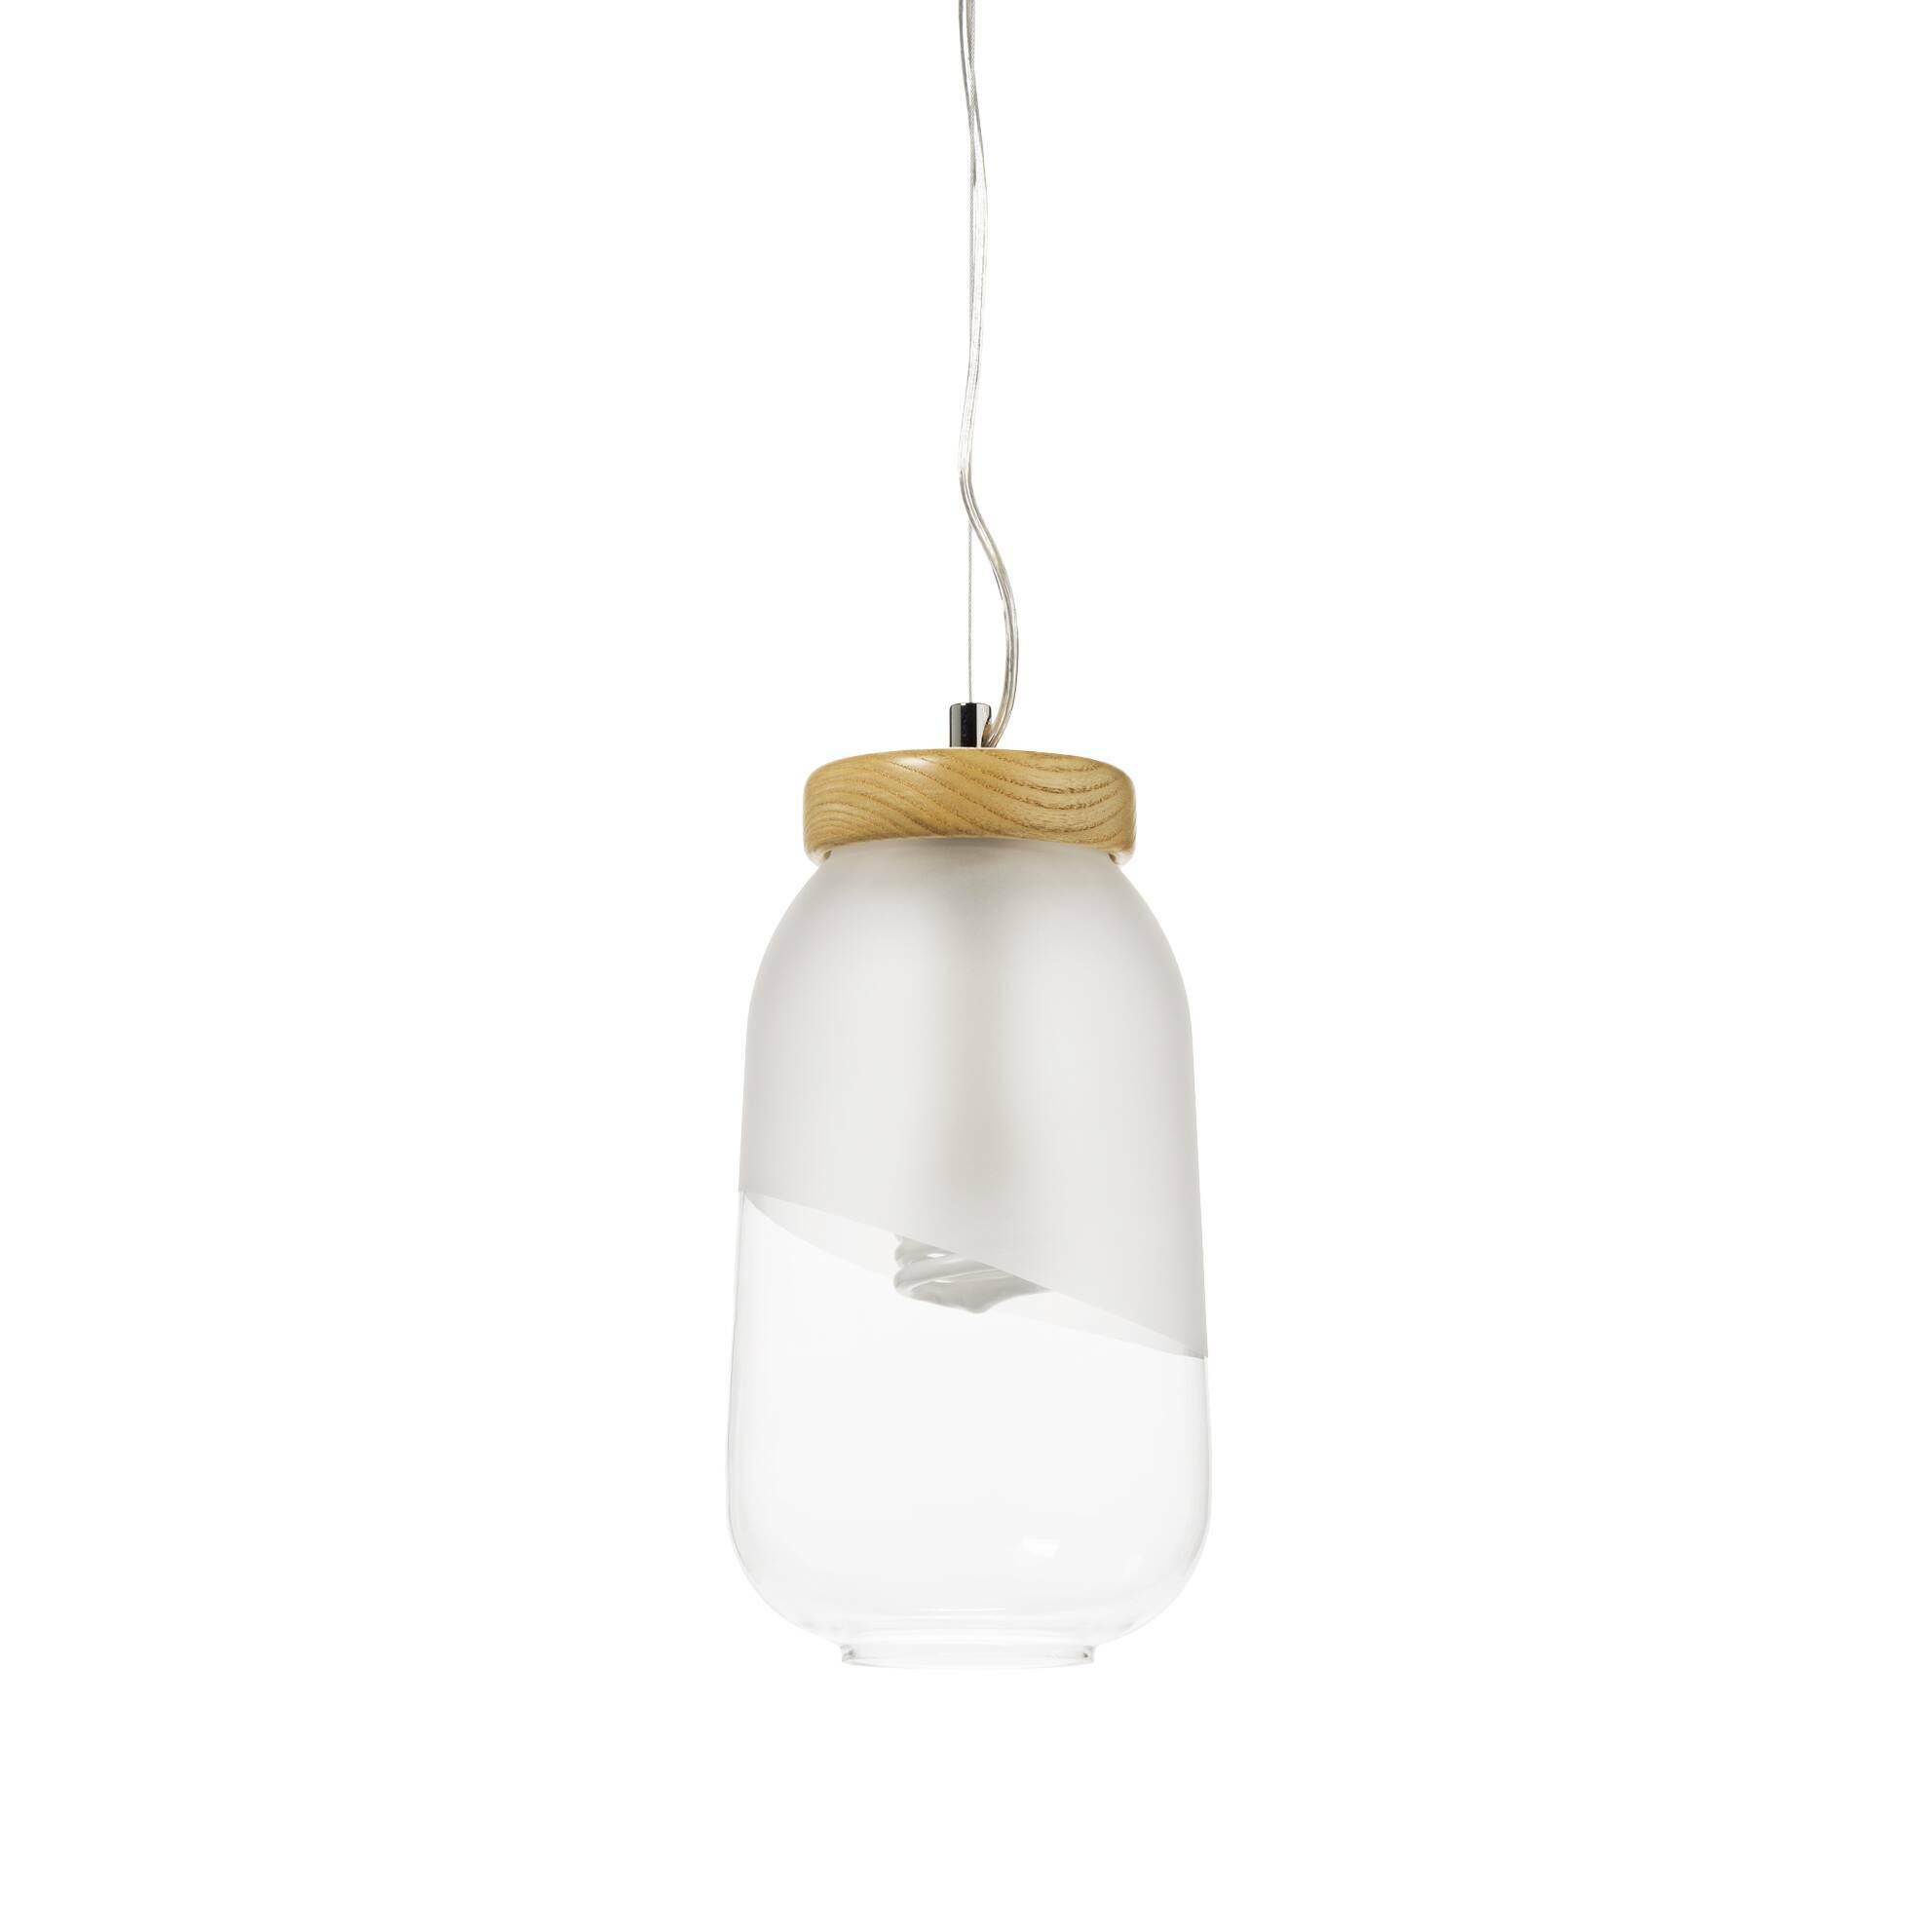 Подвесной светильник  FrascoПодвесные<br>Вероятно, авторы этого минималистичного подвесного светильника Frasco вдохновлялись изобретением Томаса Эдисона 1880 года. Присмотревшись к обычной лампе накаливания, они увидели в ней первозданную красоту без необходимости заключать ее в вычурный плафон. Поэтому их лампочка хранится в лаконичном, наполовину матовом плафоне-банке с деревянной «крышечкой».<br><br><br> Оживить интерьер поможет комбинация из нескольких подвесных светильников Frasco — просто и эффектно. Возьмите несколько ламп и п...<br><br>stock: 1<br>Высота: 150<br>Диаметр: 16<br>Количество ламп: 1<br>Материал абажура: Стекло матовое<br>Материал арматуры: Дерево<br>Мощность лампы: 40<br>Ламп в комплекте: Нет<br>Напряжение: 220<br>Тип лампы/цоколь: E27